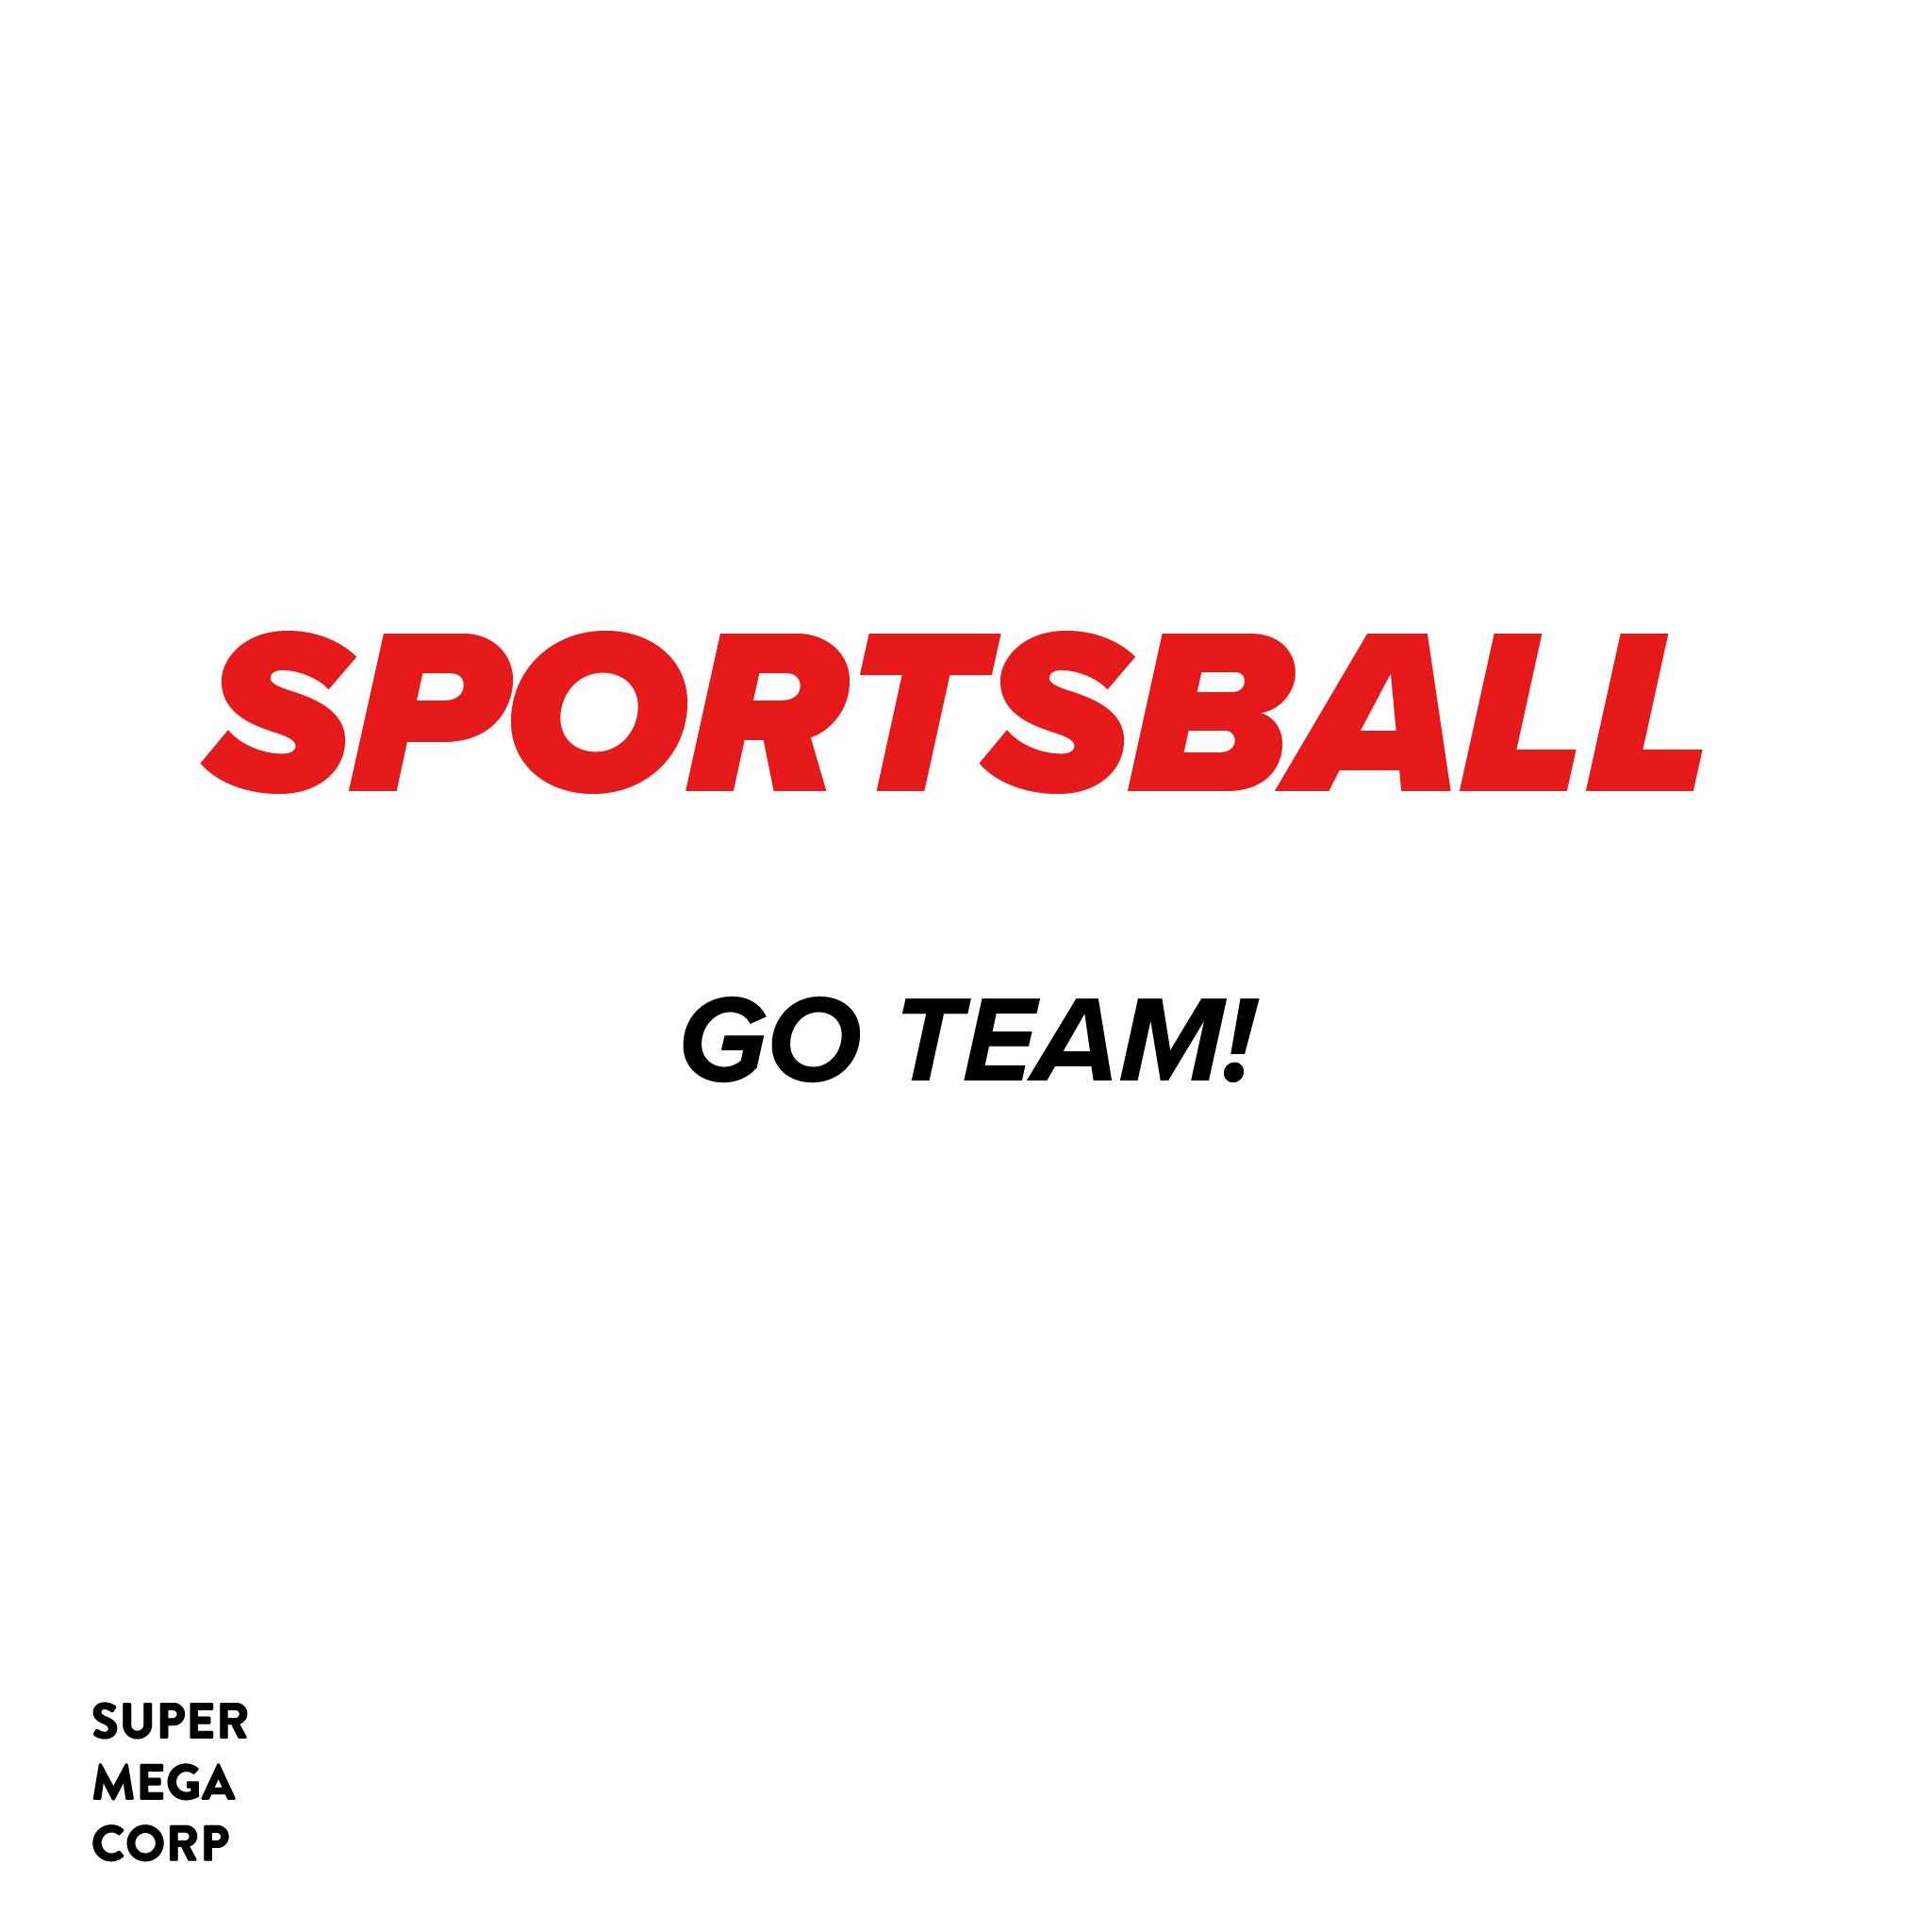 sportsball.jpg